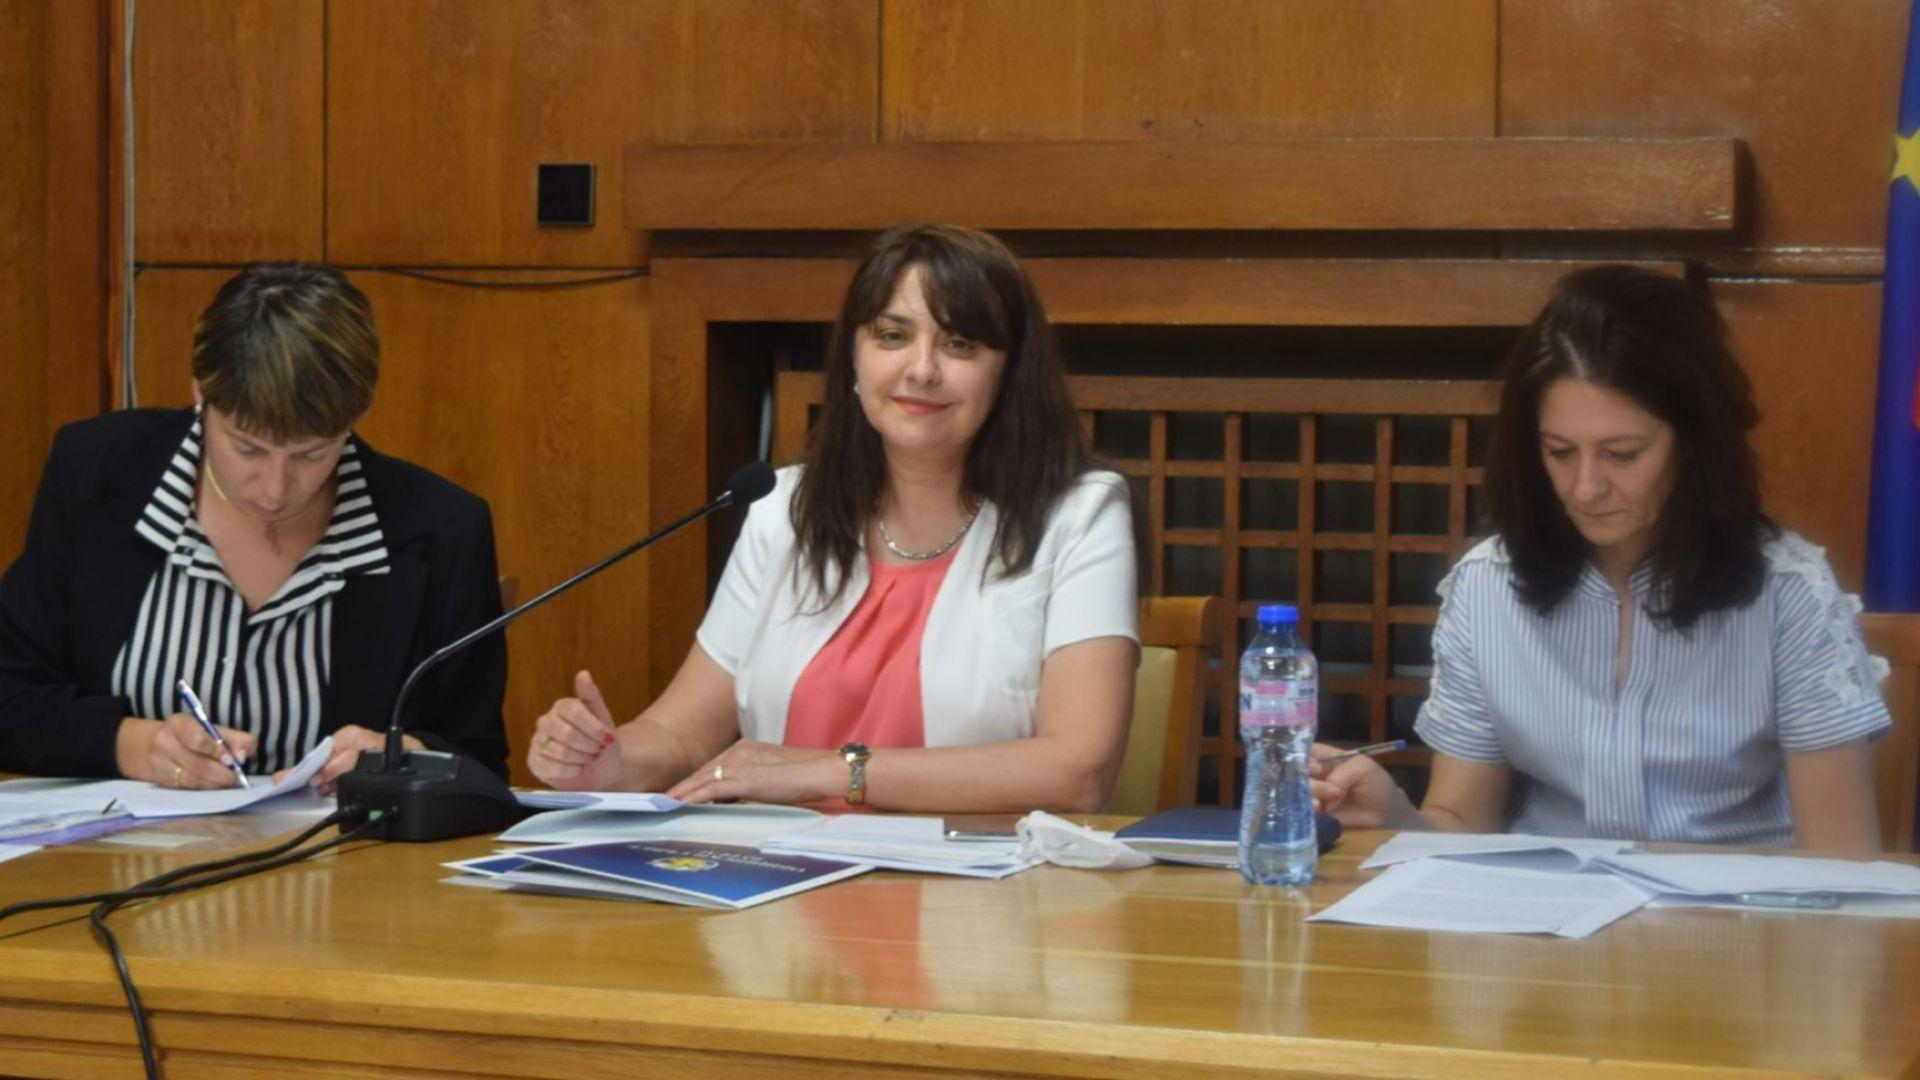 Проф. д-р Турманова оглави регионалния център на БАН в Бургас